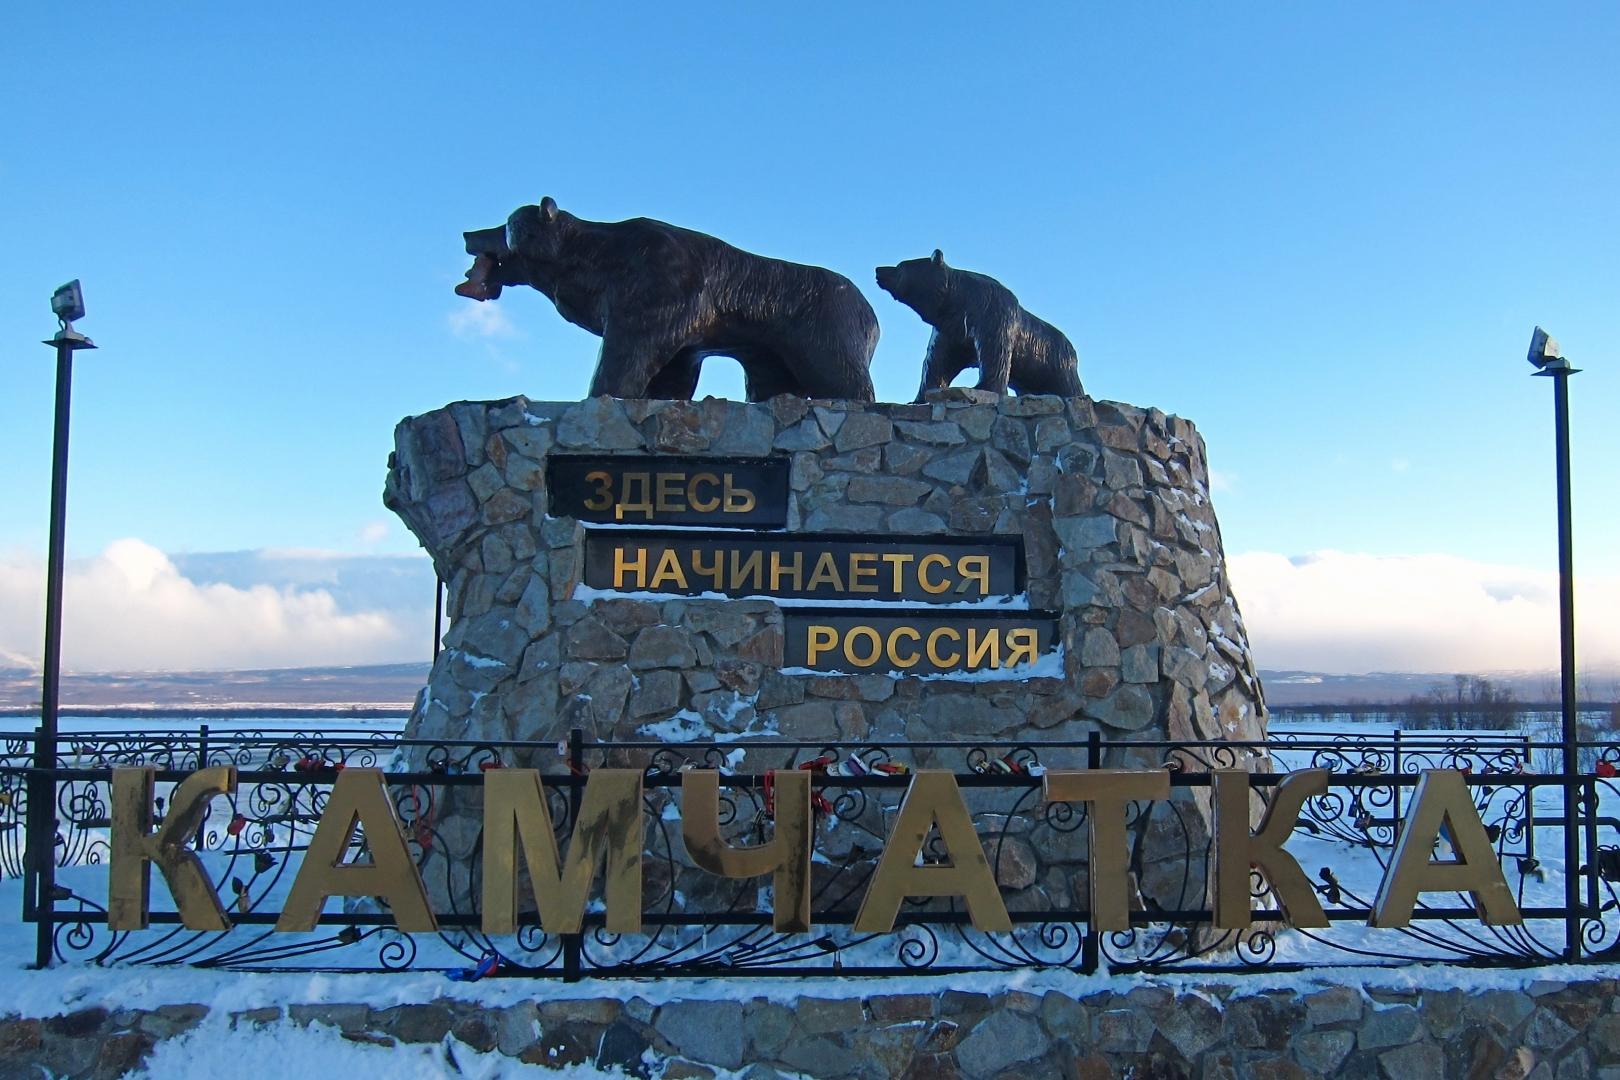 Здесь начинается Россия. Камчатка